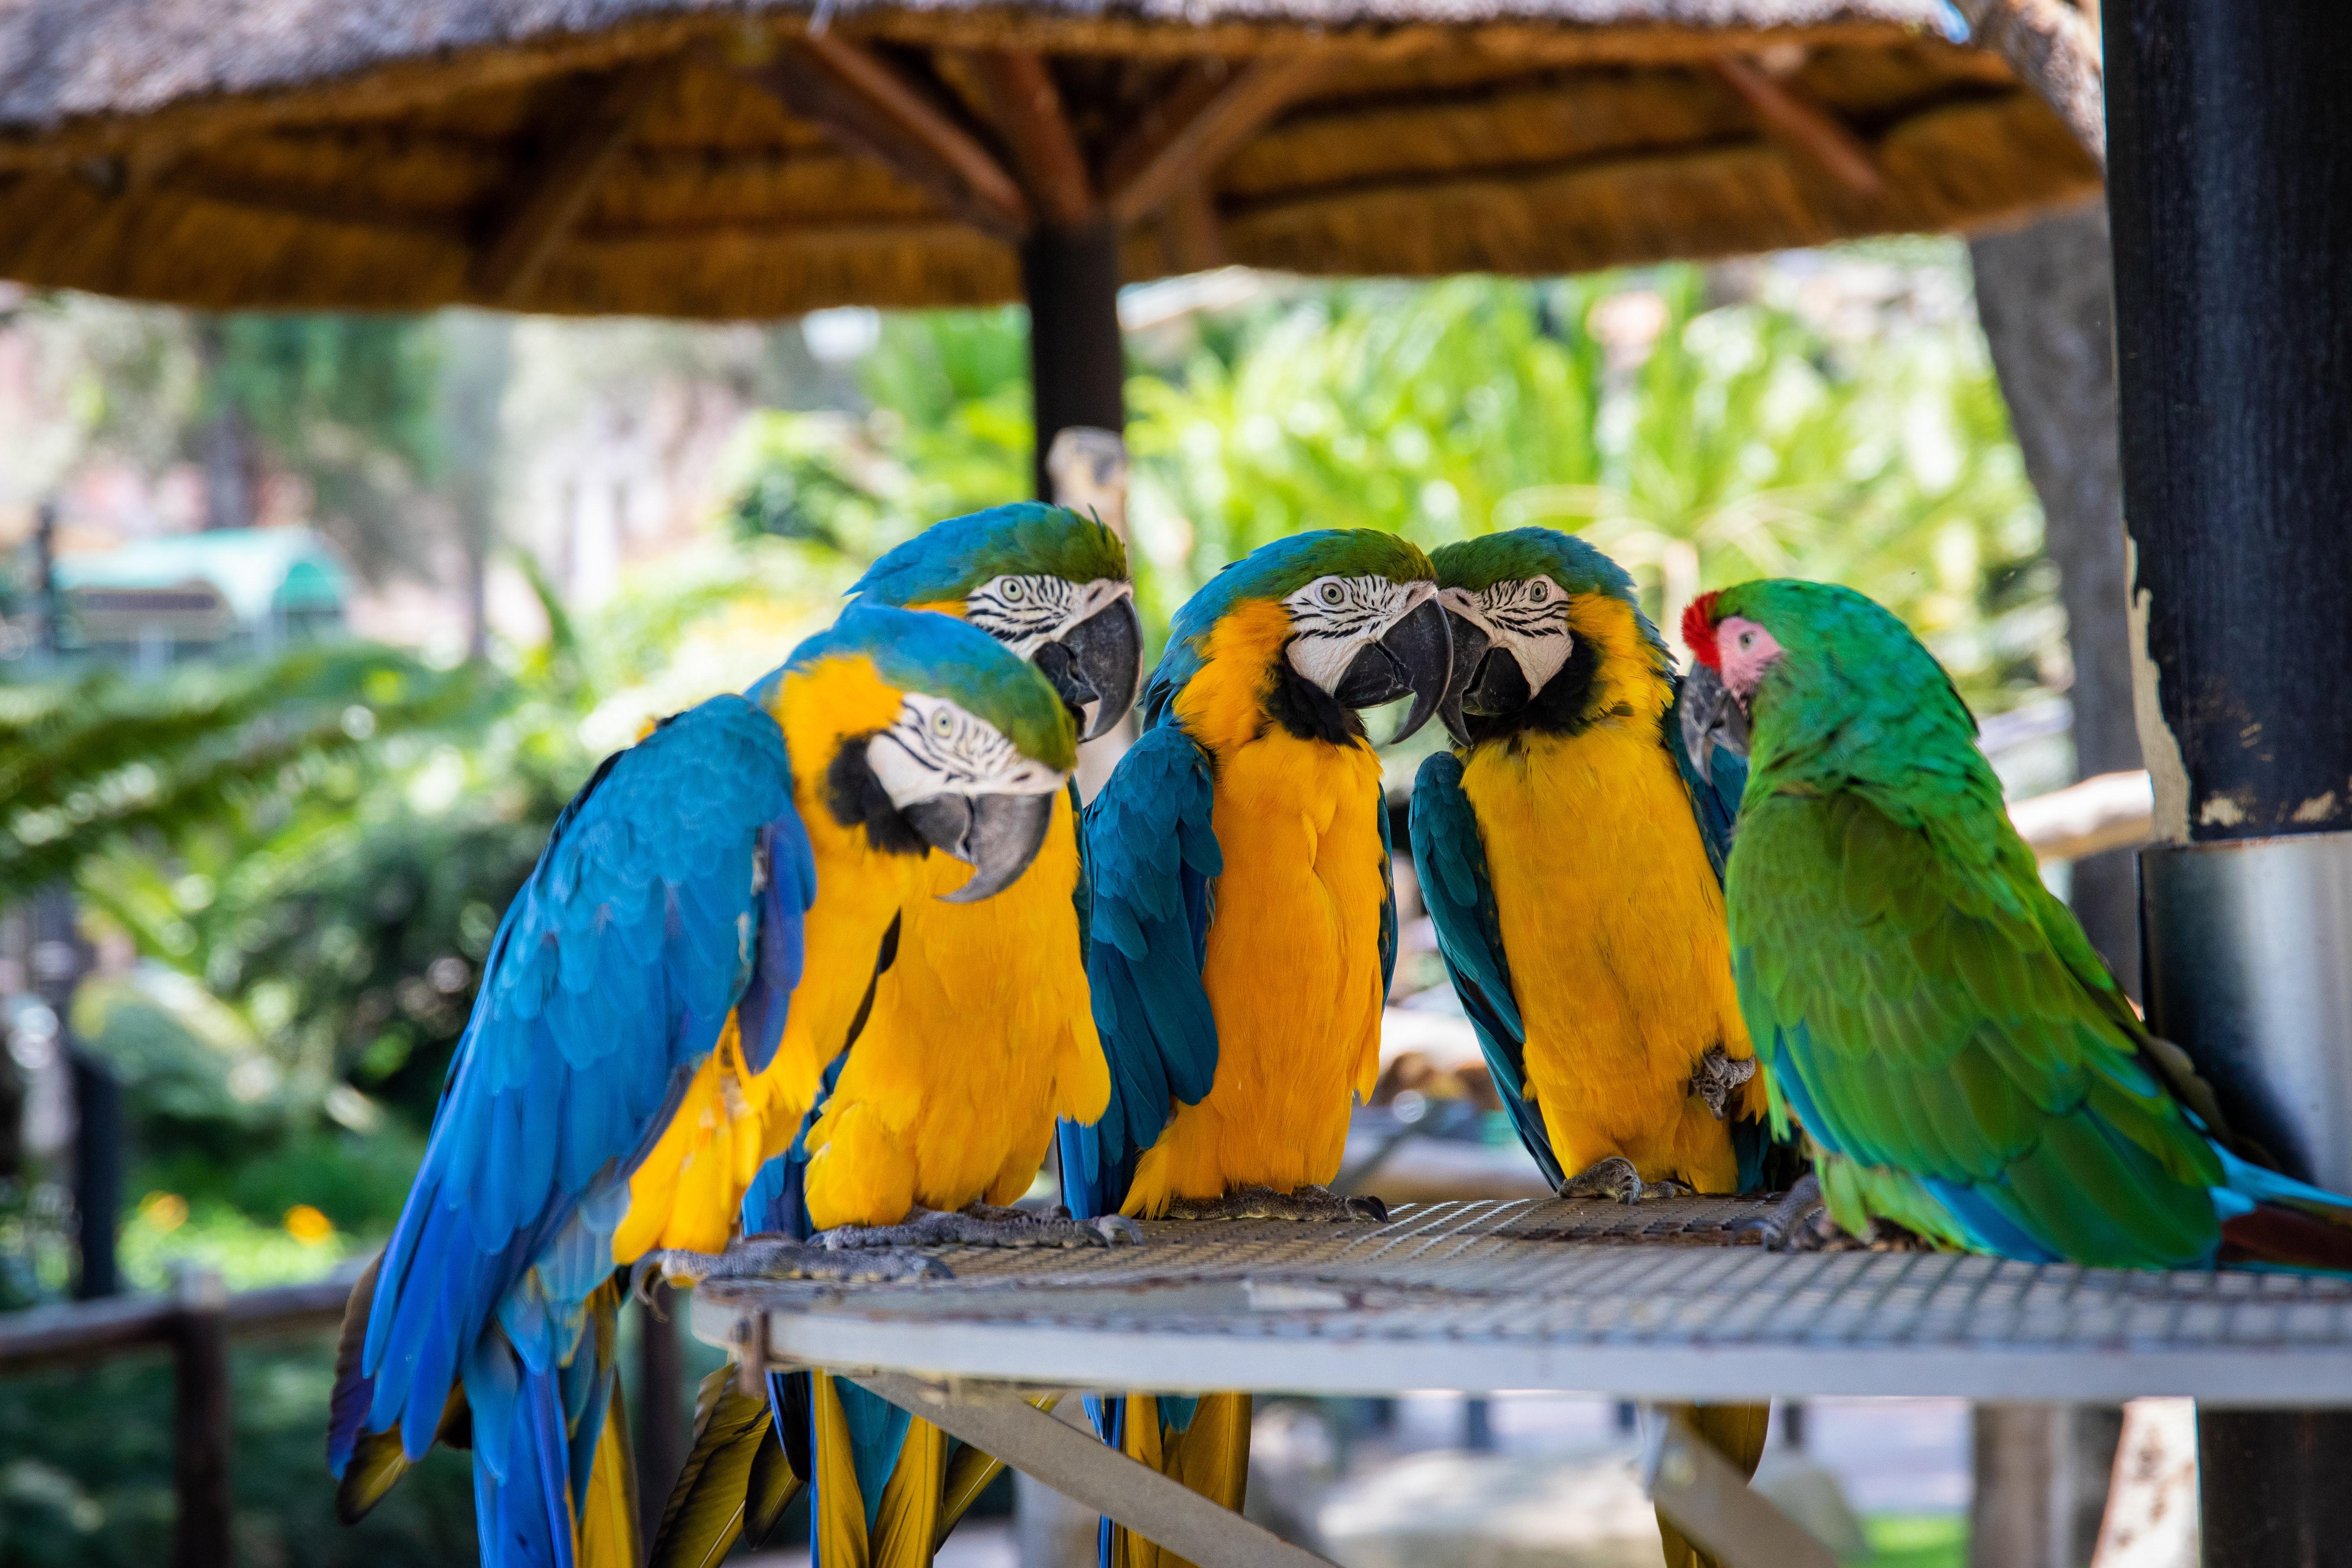 Free Images Animals Avian Aviary Beak Beautiful Birds Bright